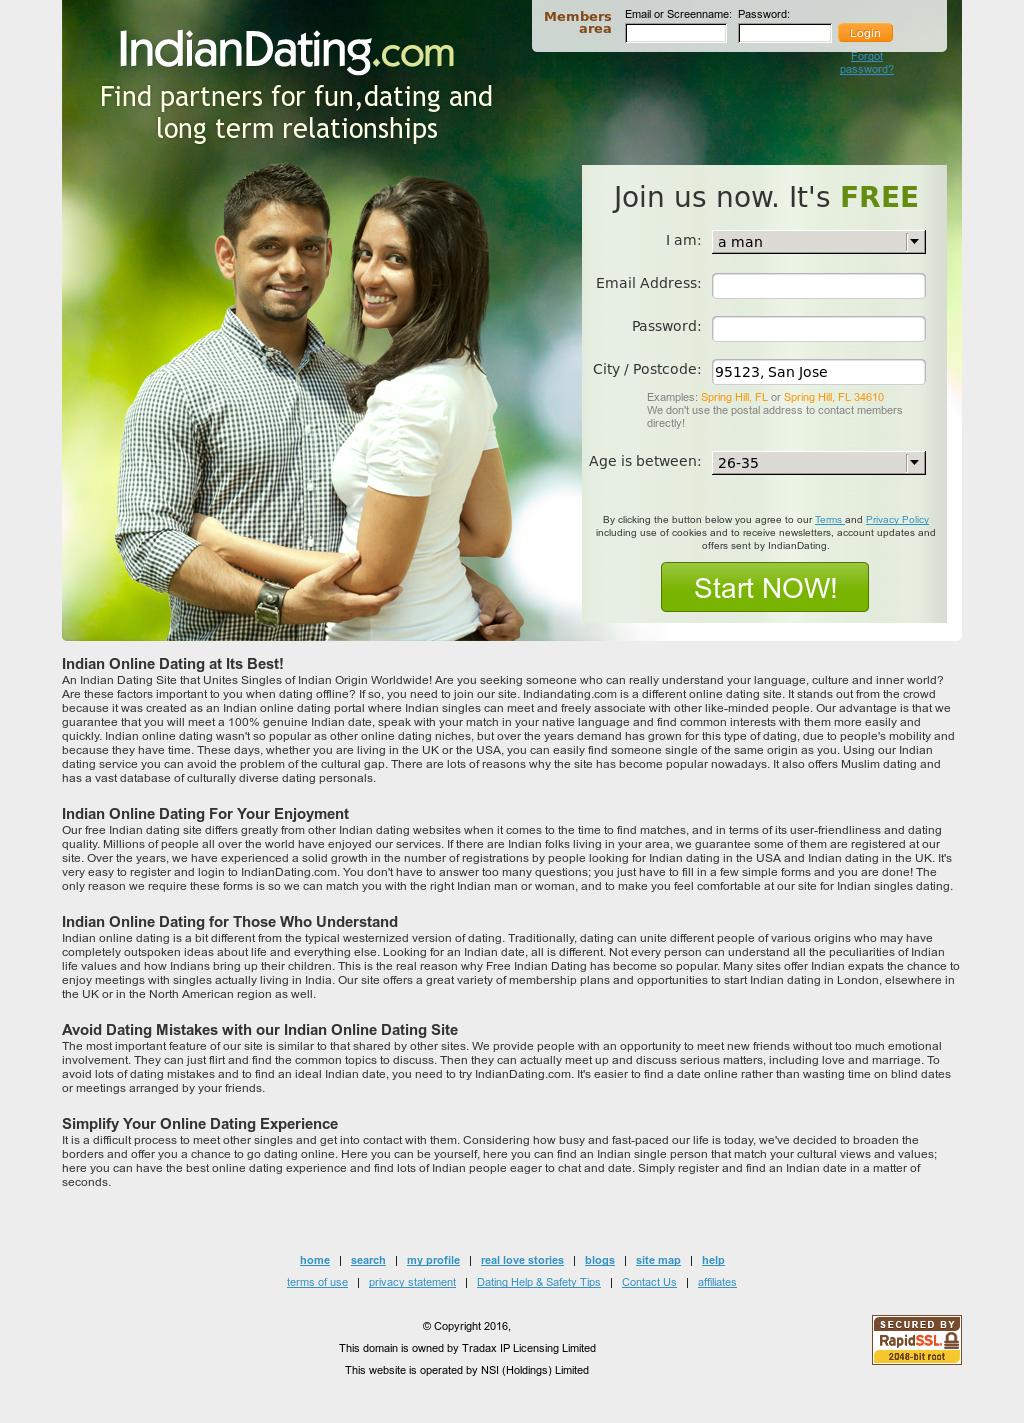 indian dating site.commanželství, které se netýká dobré víry ep. 14